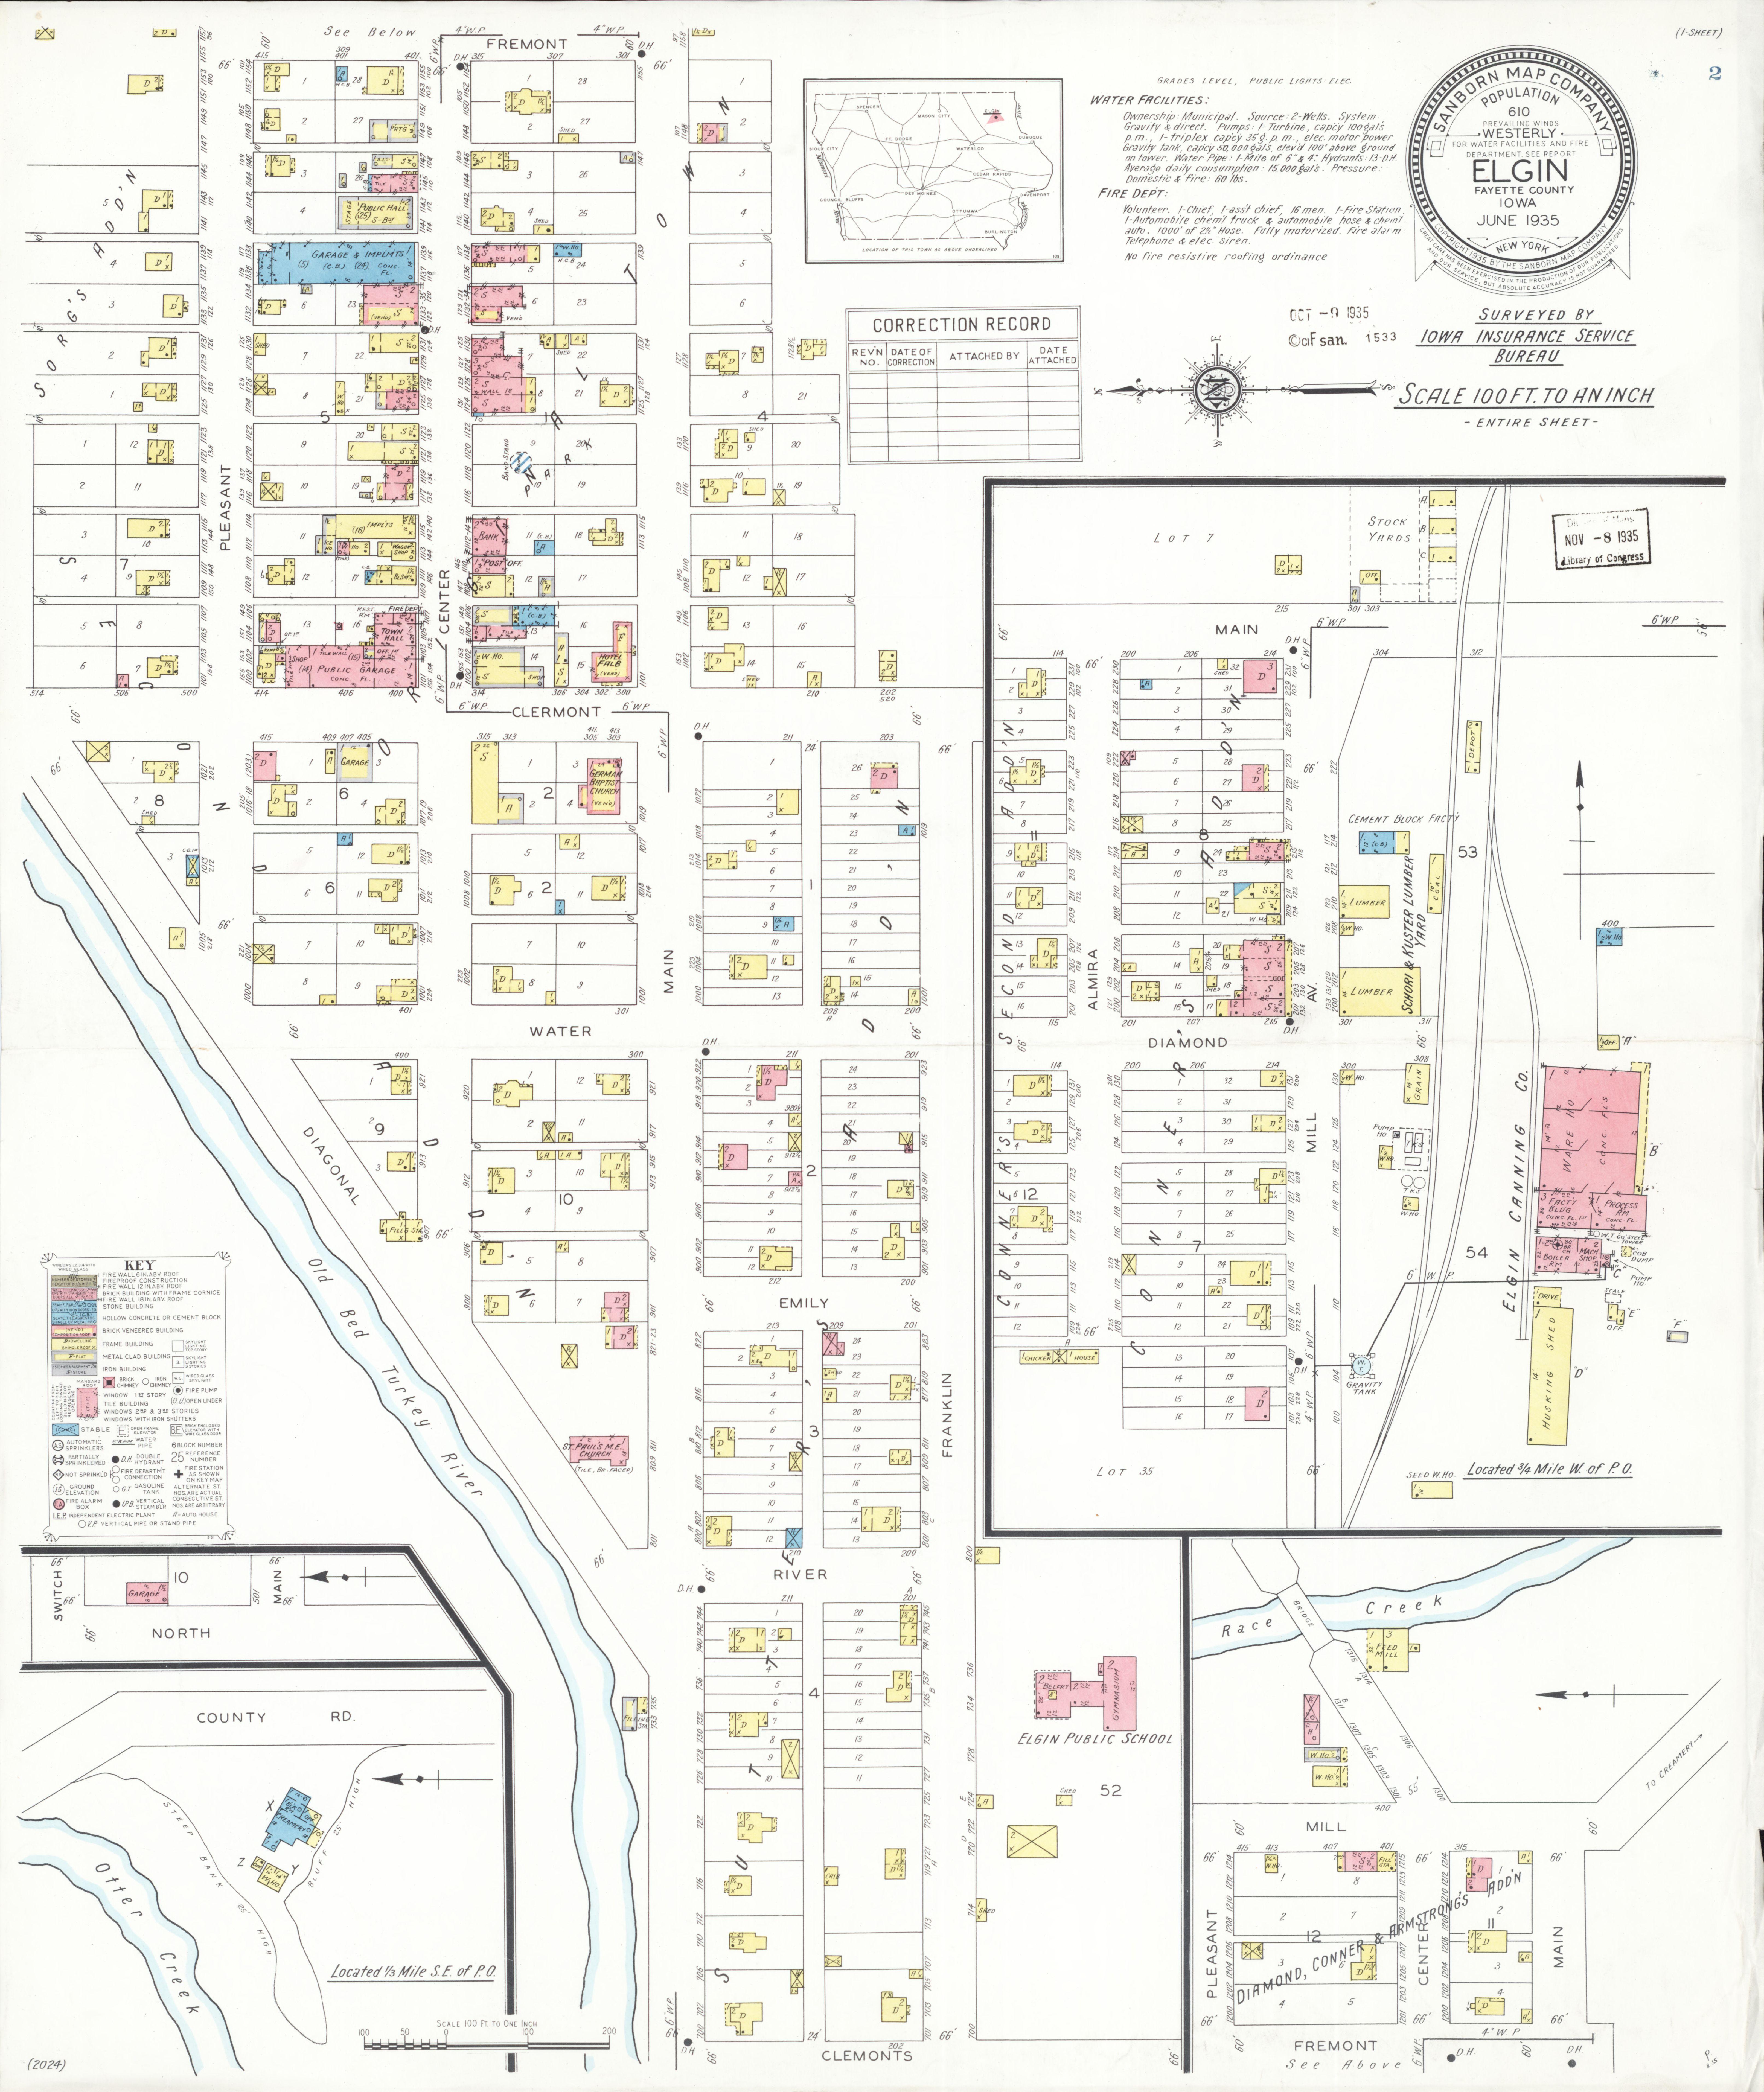 Fayette Iowa Map.File Sanborn Fire Insurance Map From Elgin Fayette County Iowa